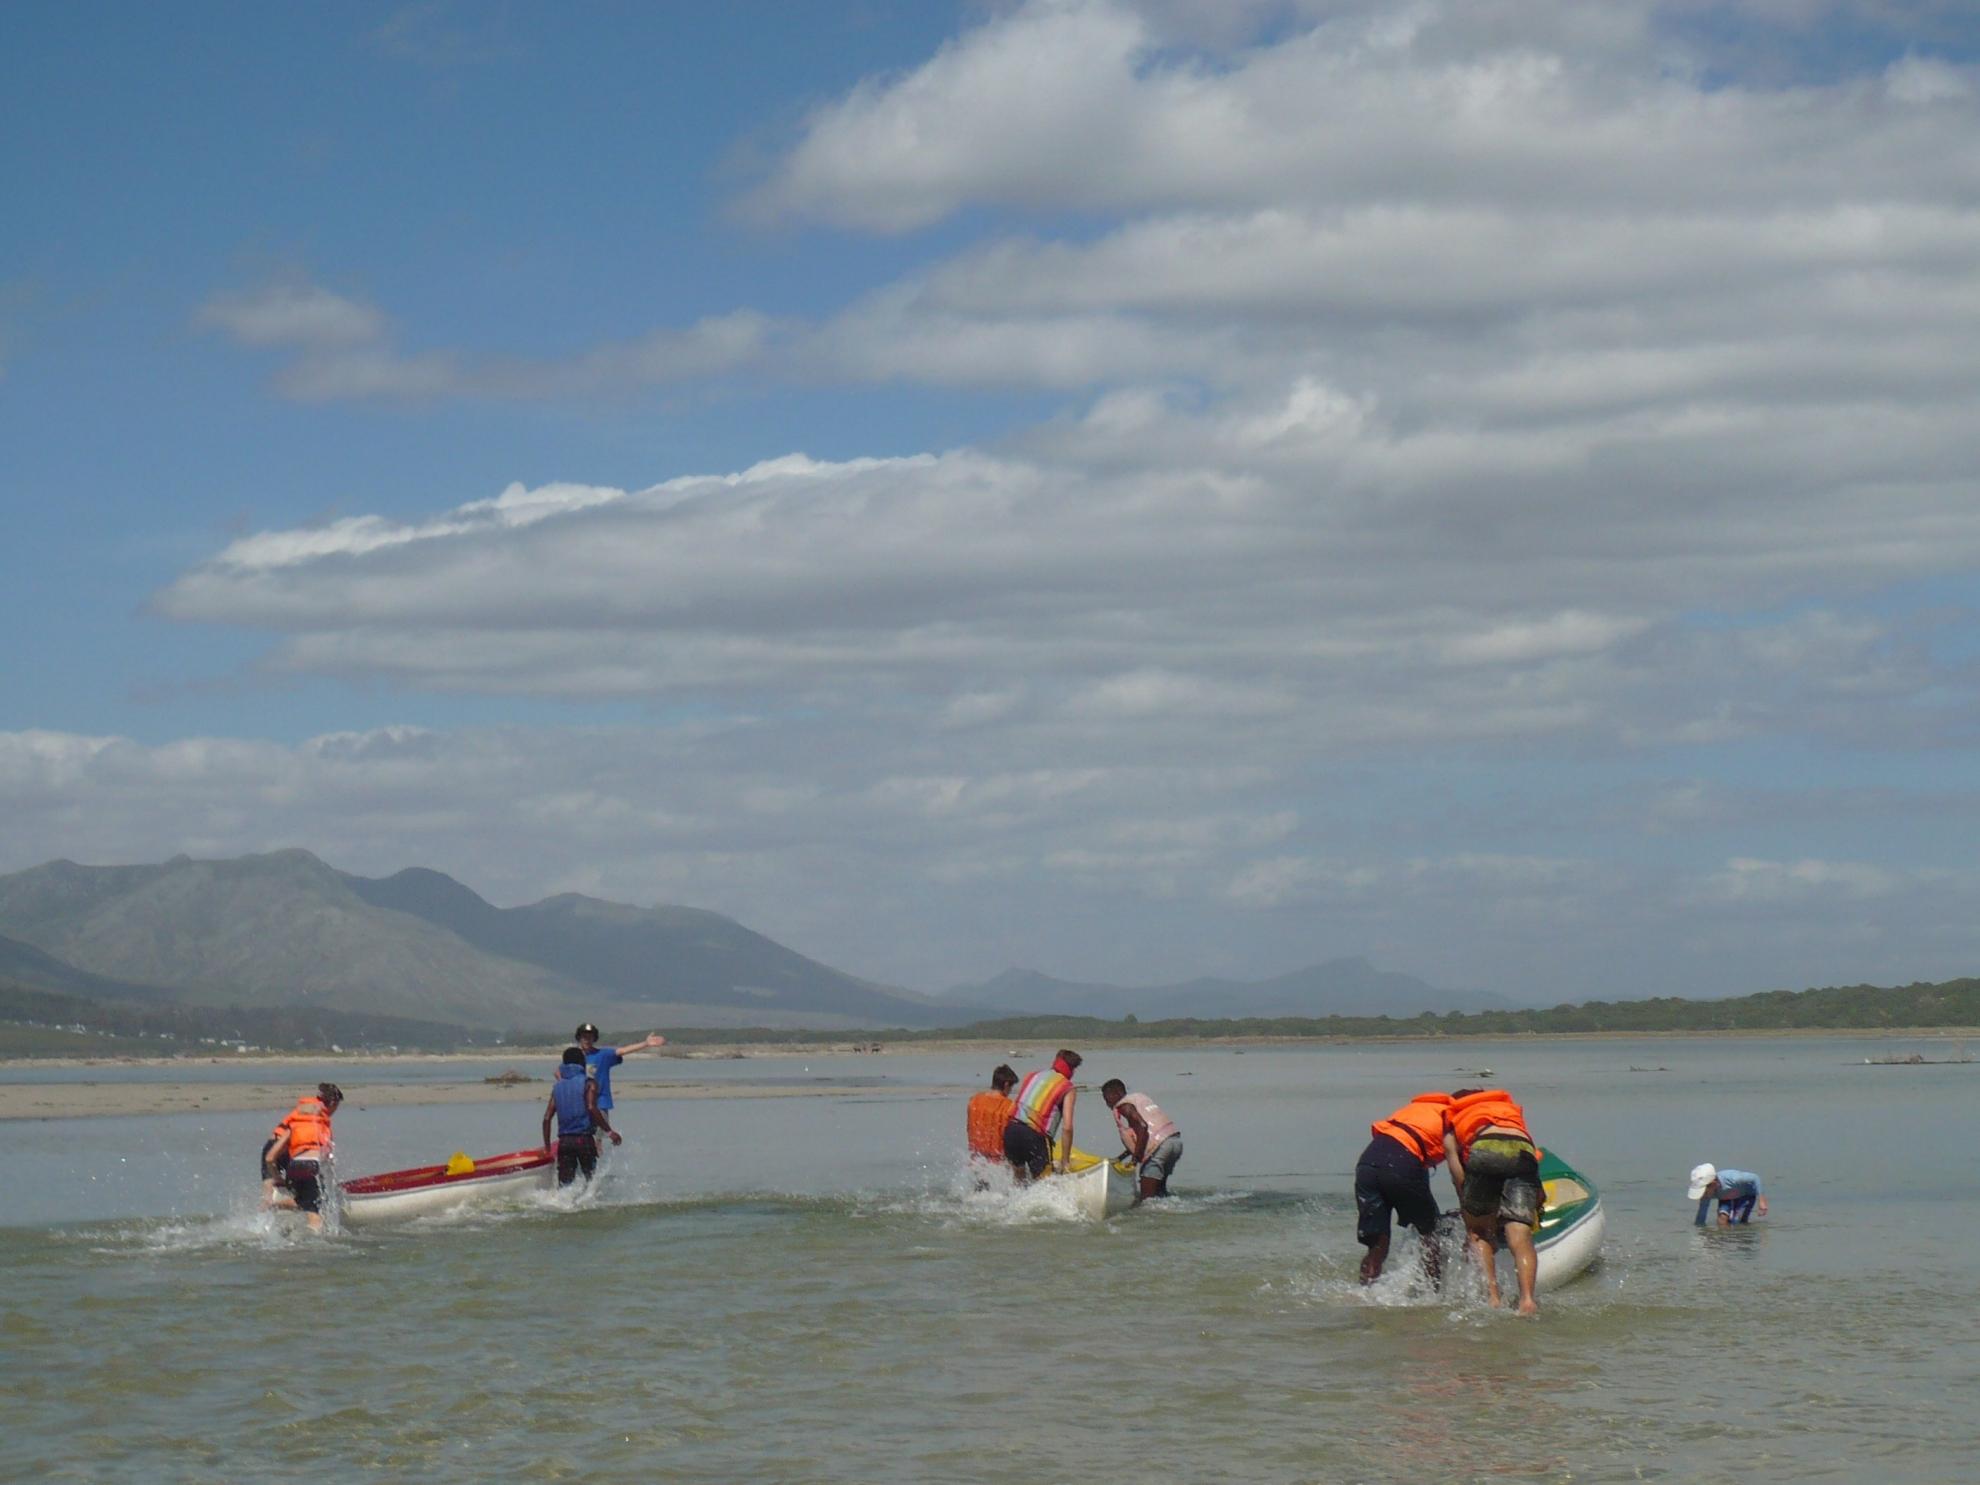 Canoe race start